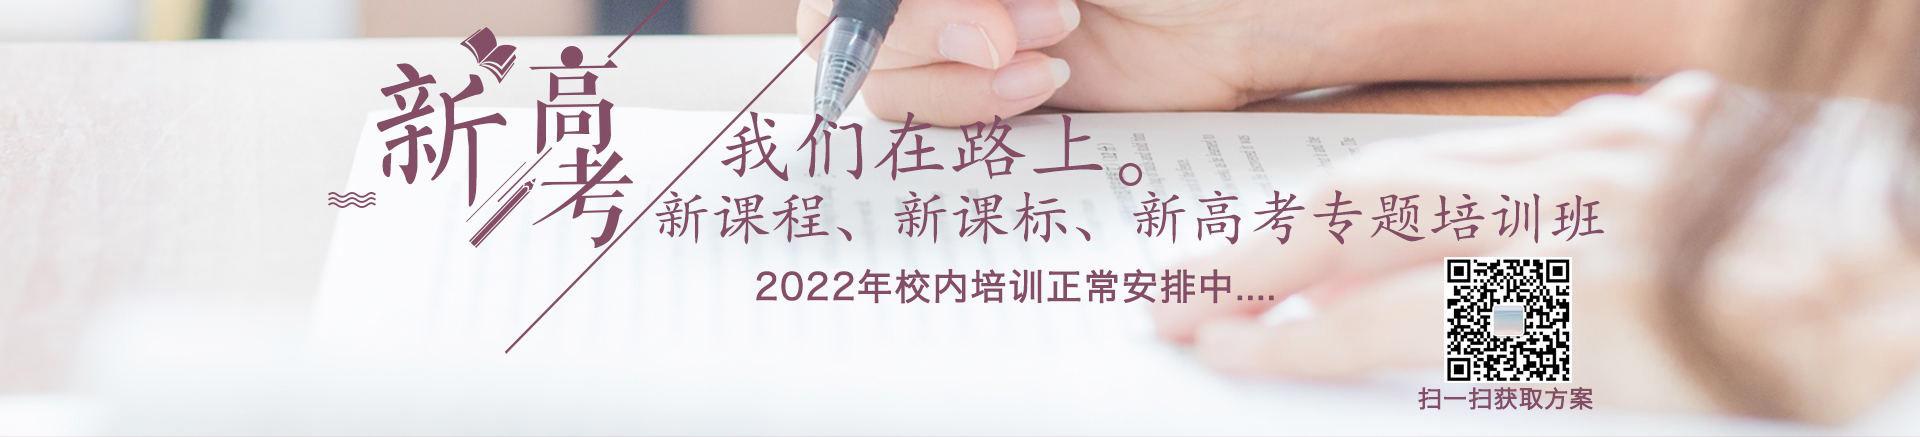 2021拟定培训计划